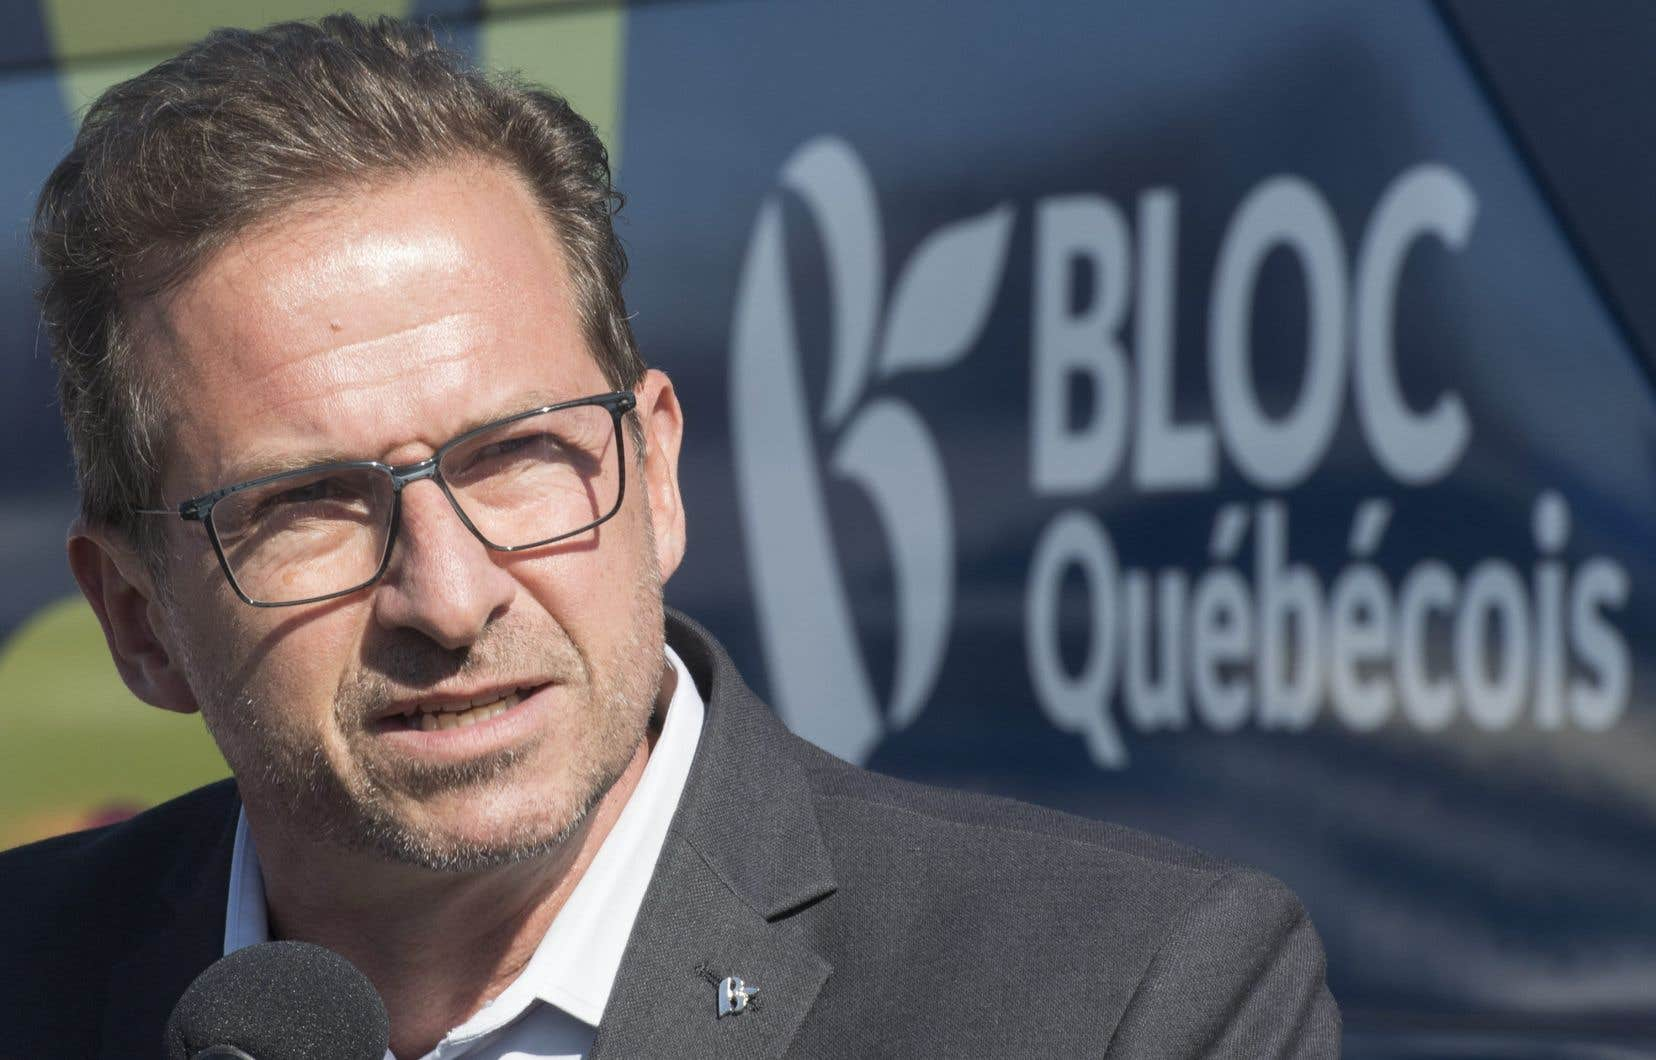 «Le seul critère qui présidera aux choix du Bloc Québécois sera que chacun des projets, chacune des motions, chacune des propositions, chacun des crédits, chacun des budgets servent le Québec», a précisé Yves-FrançoisBlanchet.